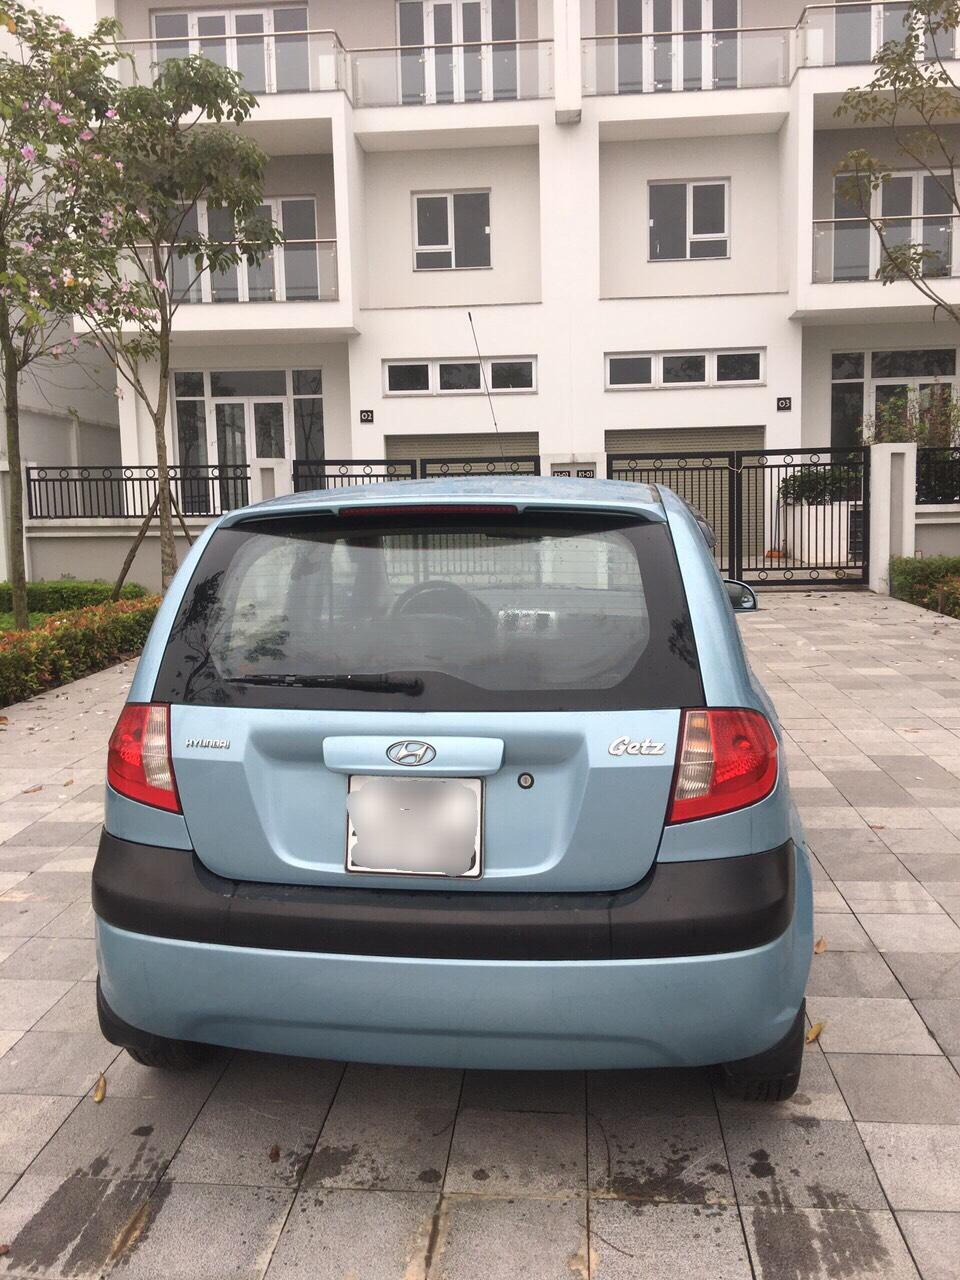 Cần bán Hyundai Getz MT 1.1 số sàn bản đủ đời 2009, màu xanh lam, nhập khẩu nguyên chiếc, giá 162tr